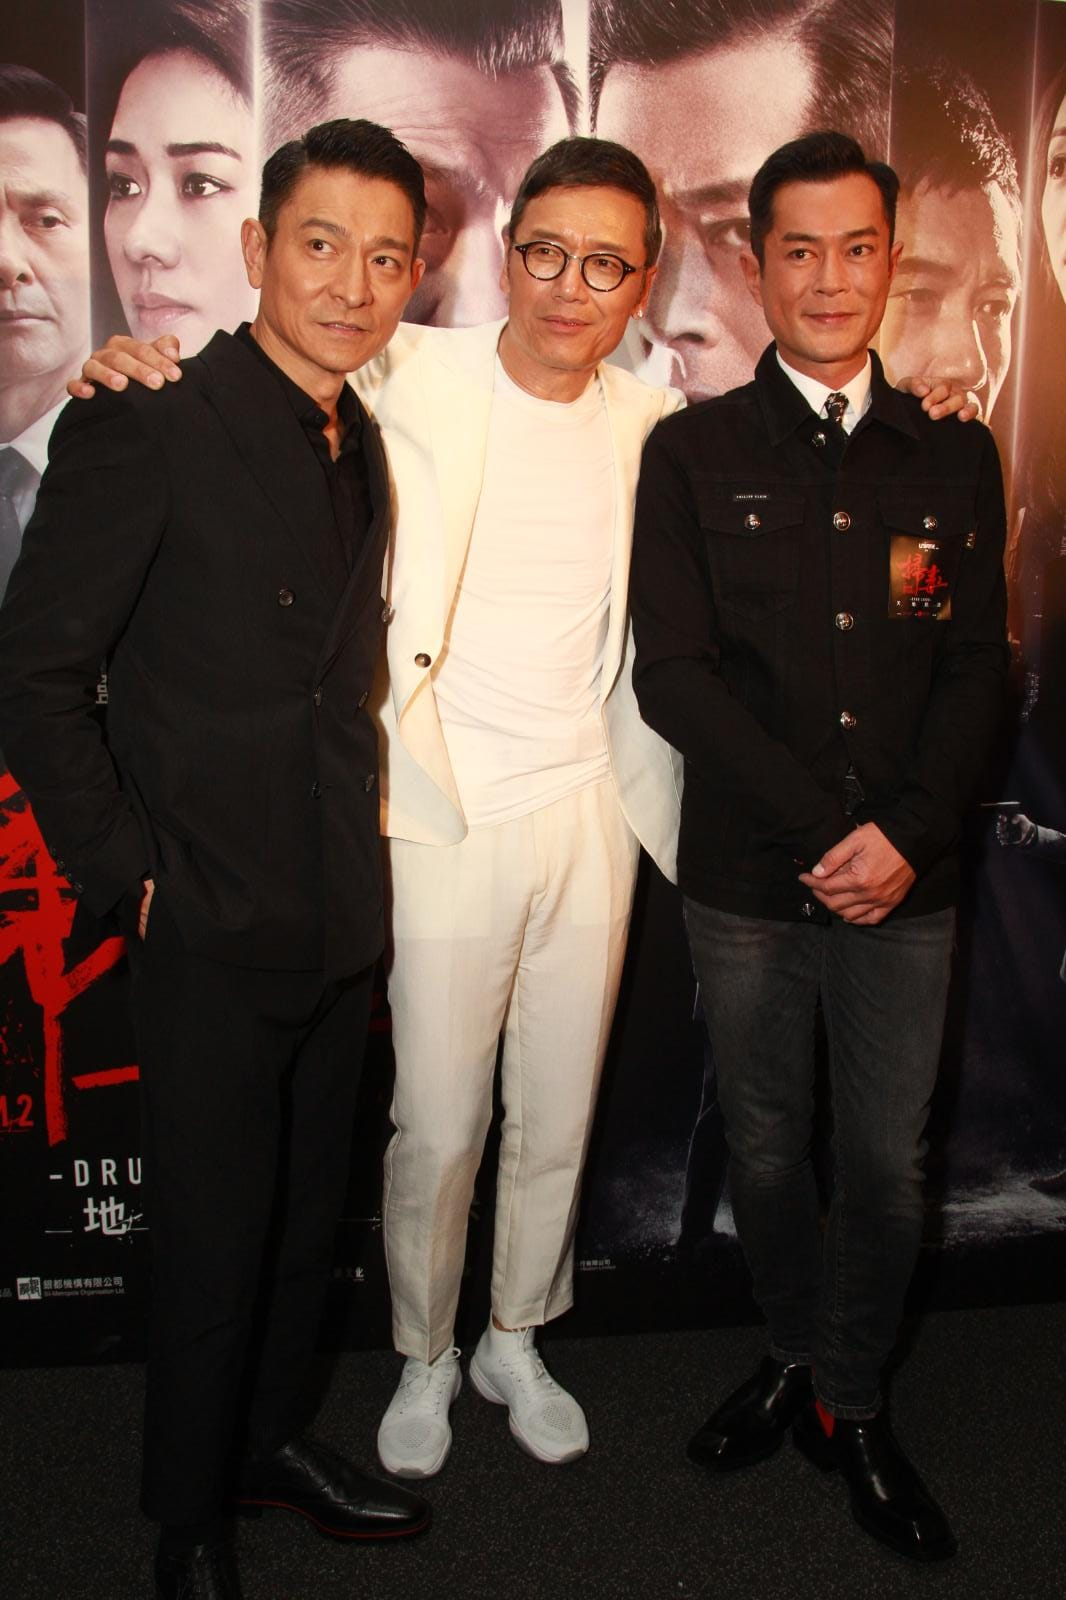 劉德華(左)、苗僑偉(中)、古天樂(右)。